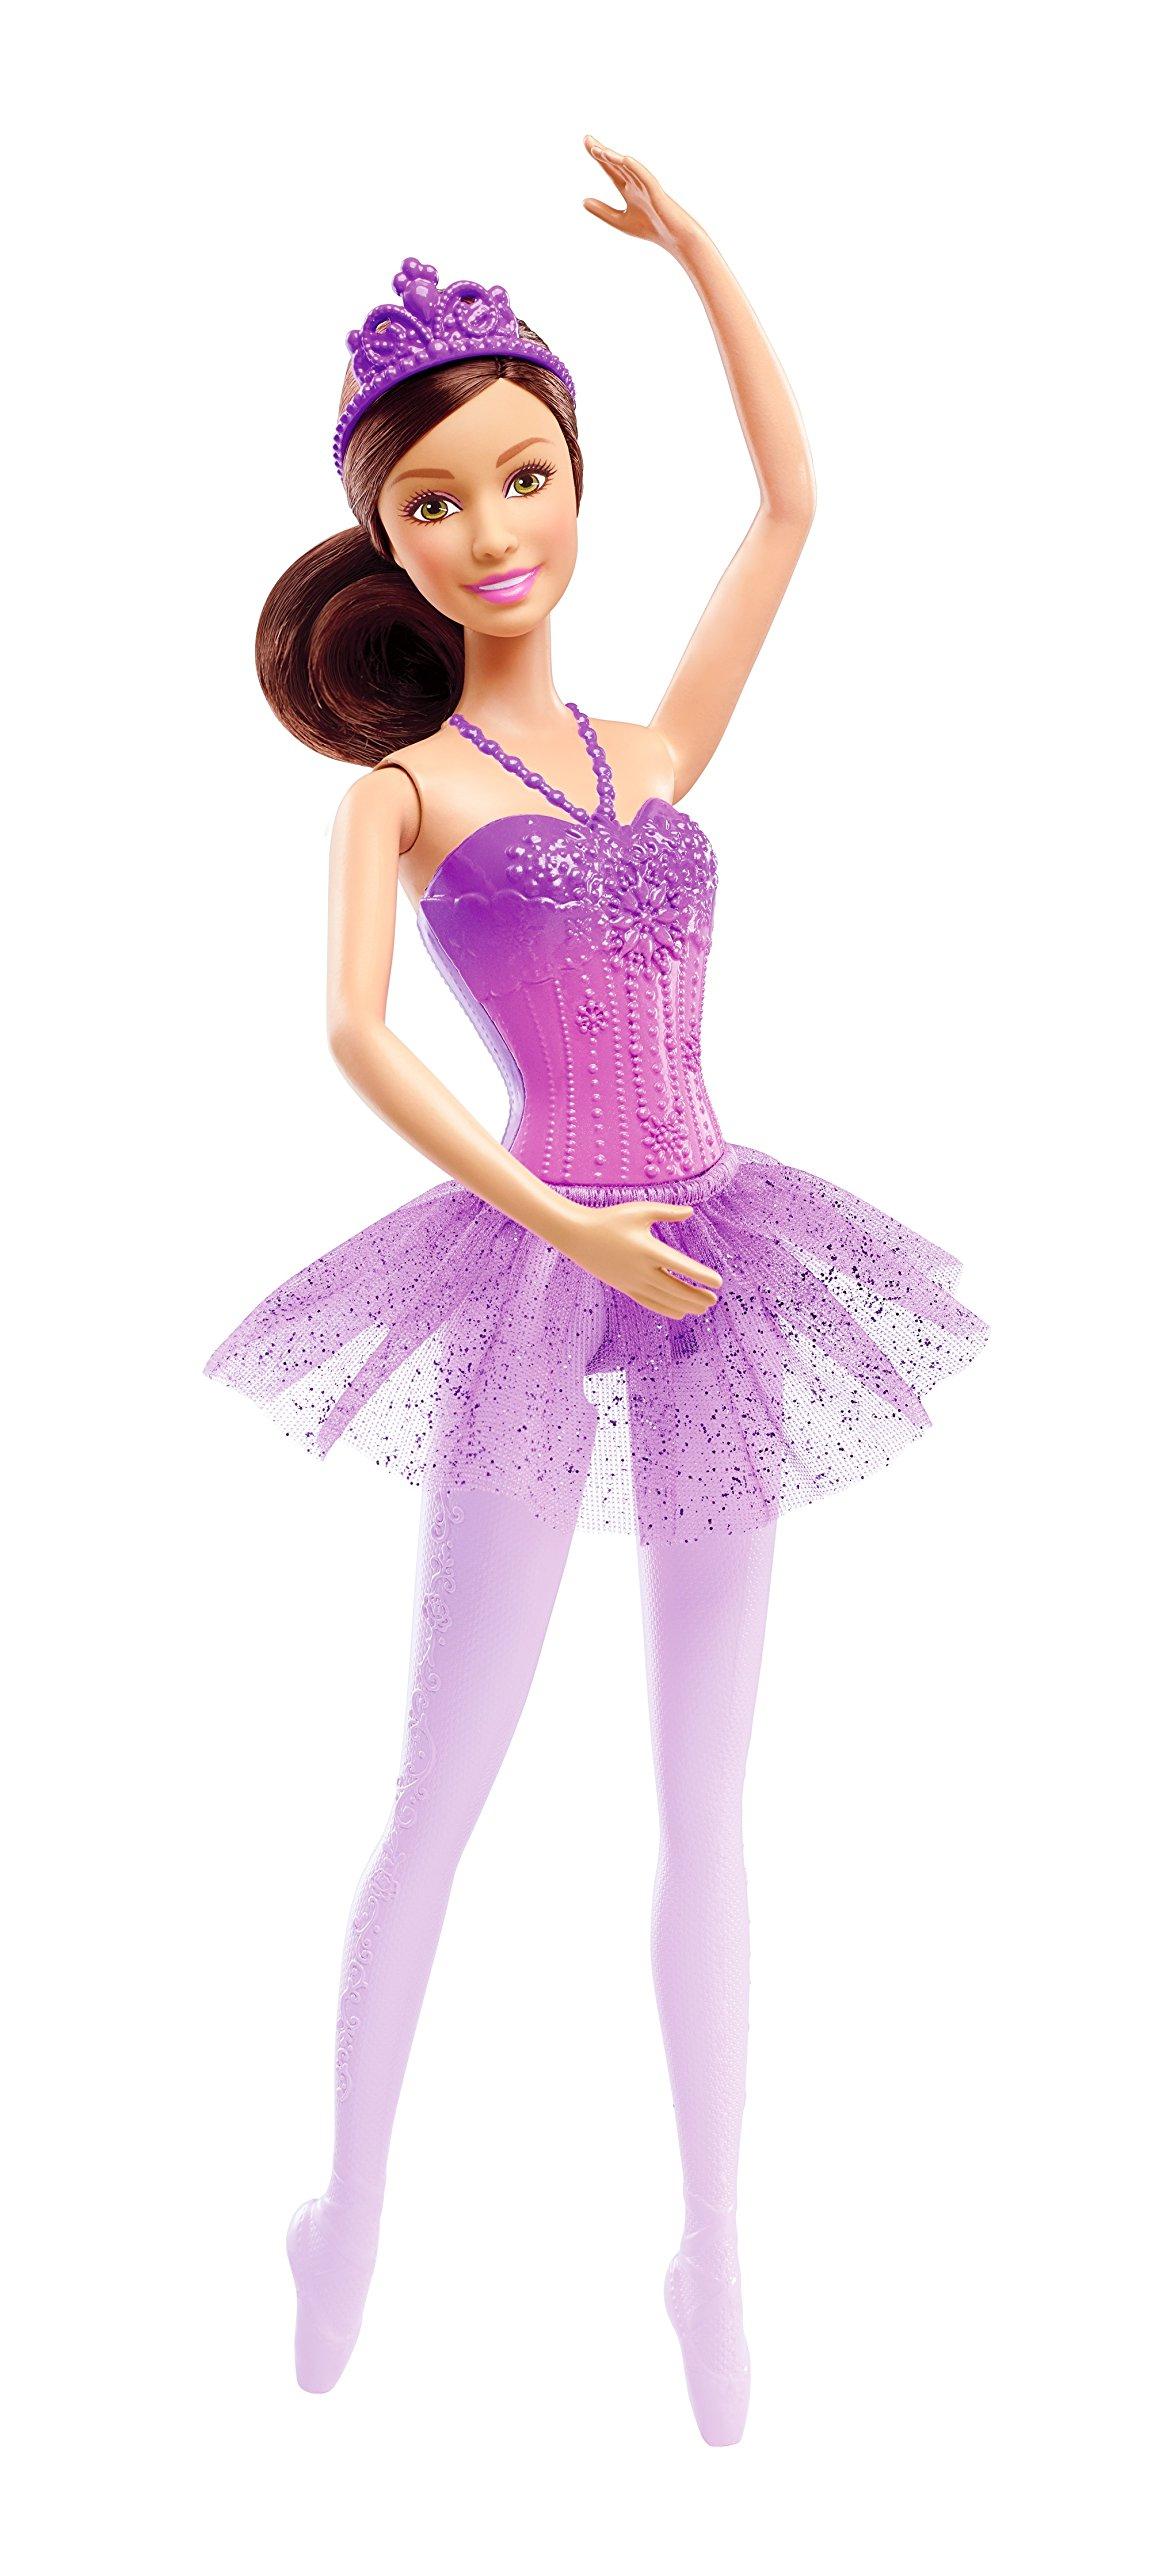 Barbie Fairytale Ballerina Doll, Purple - $4.94 at Amazon